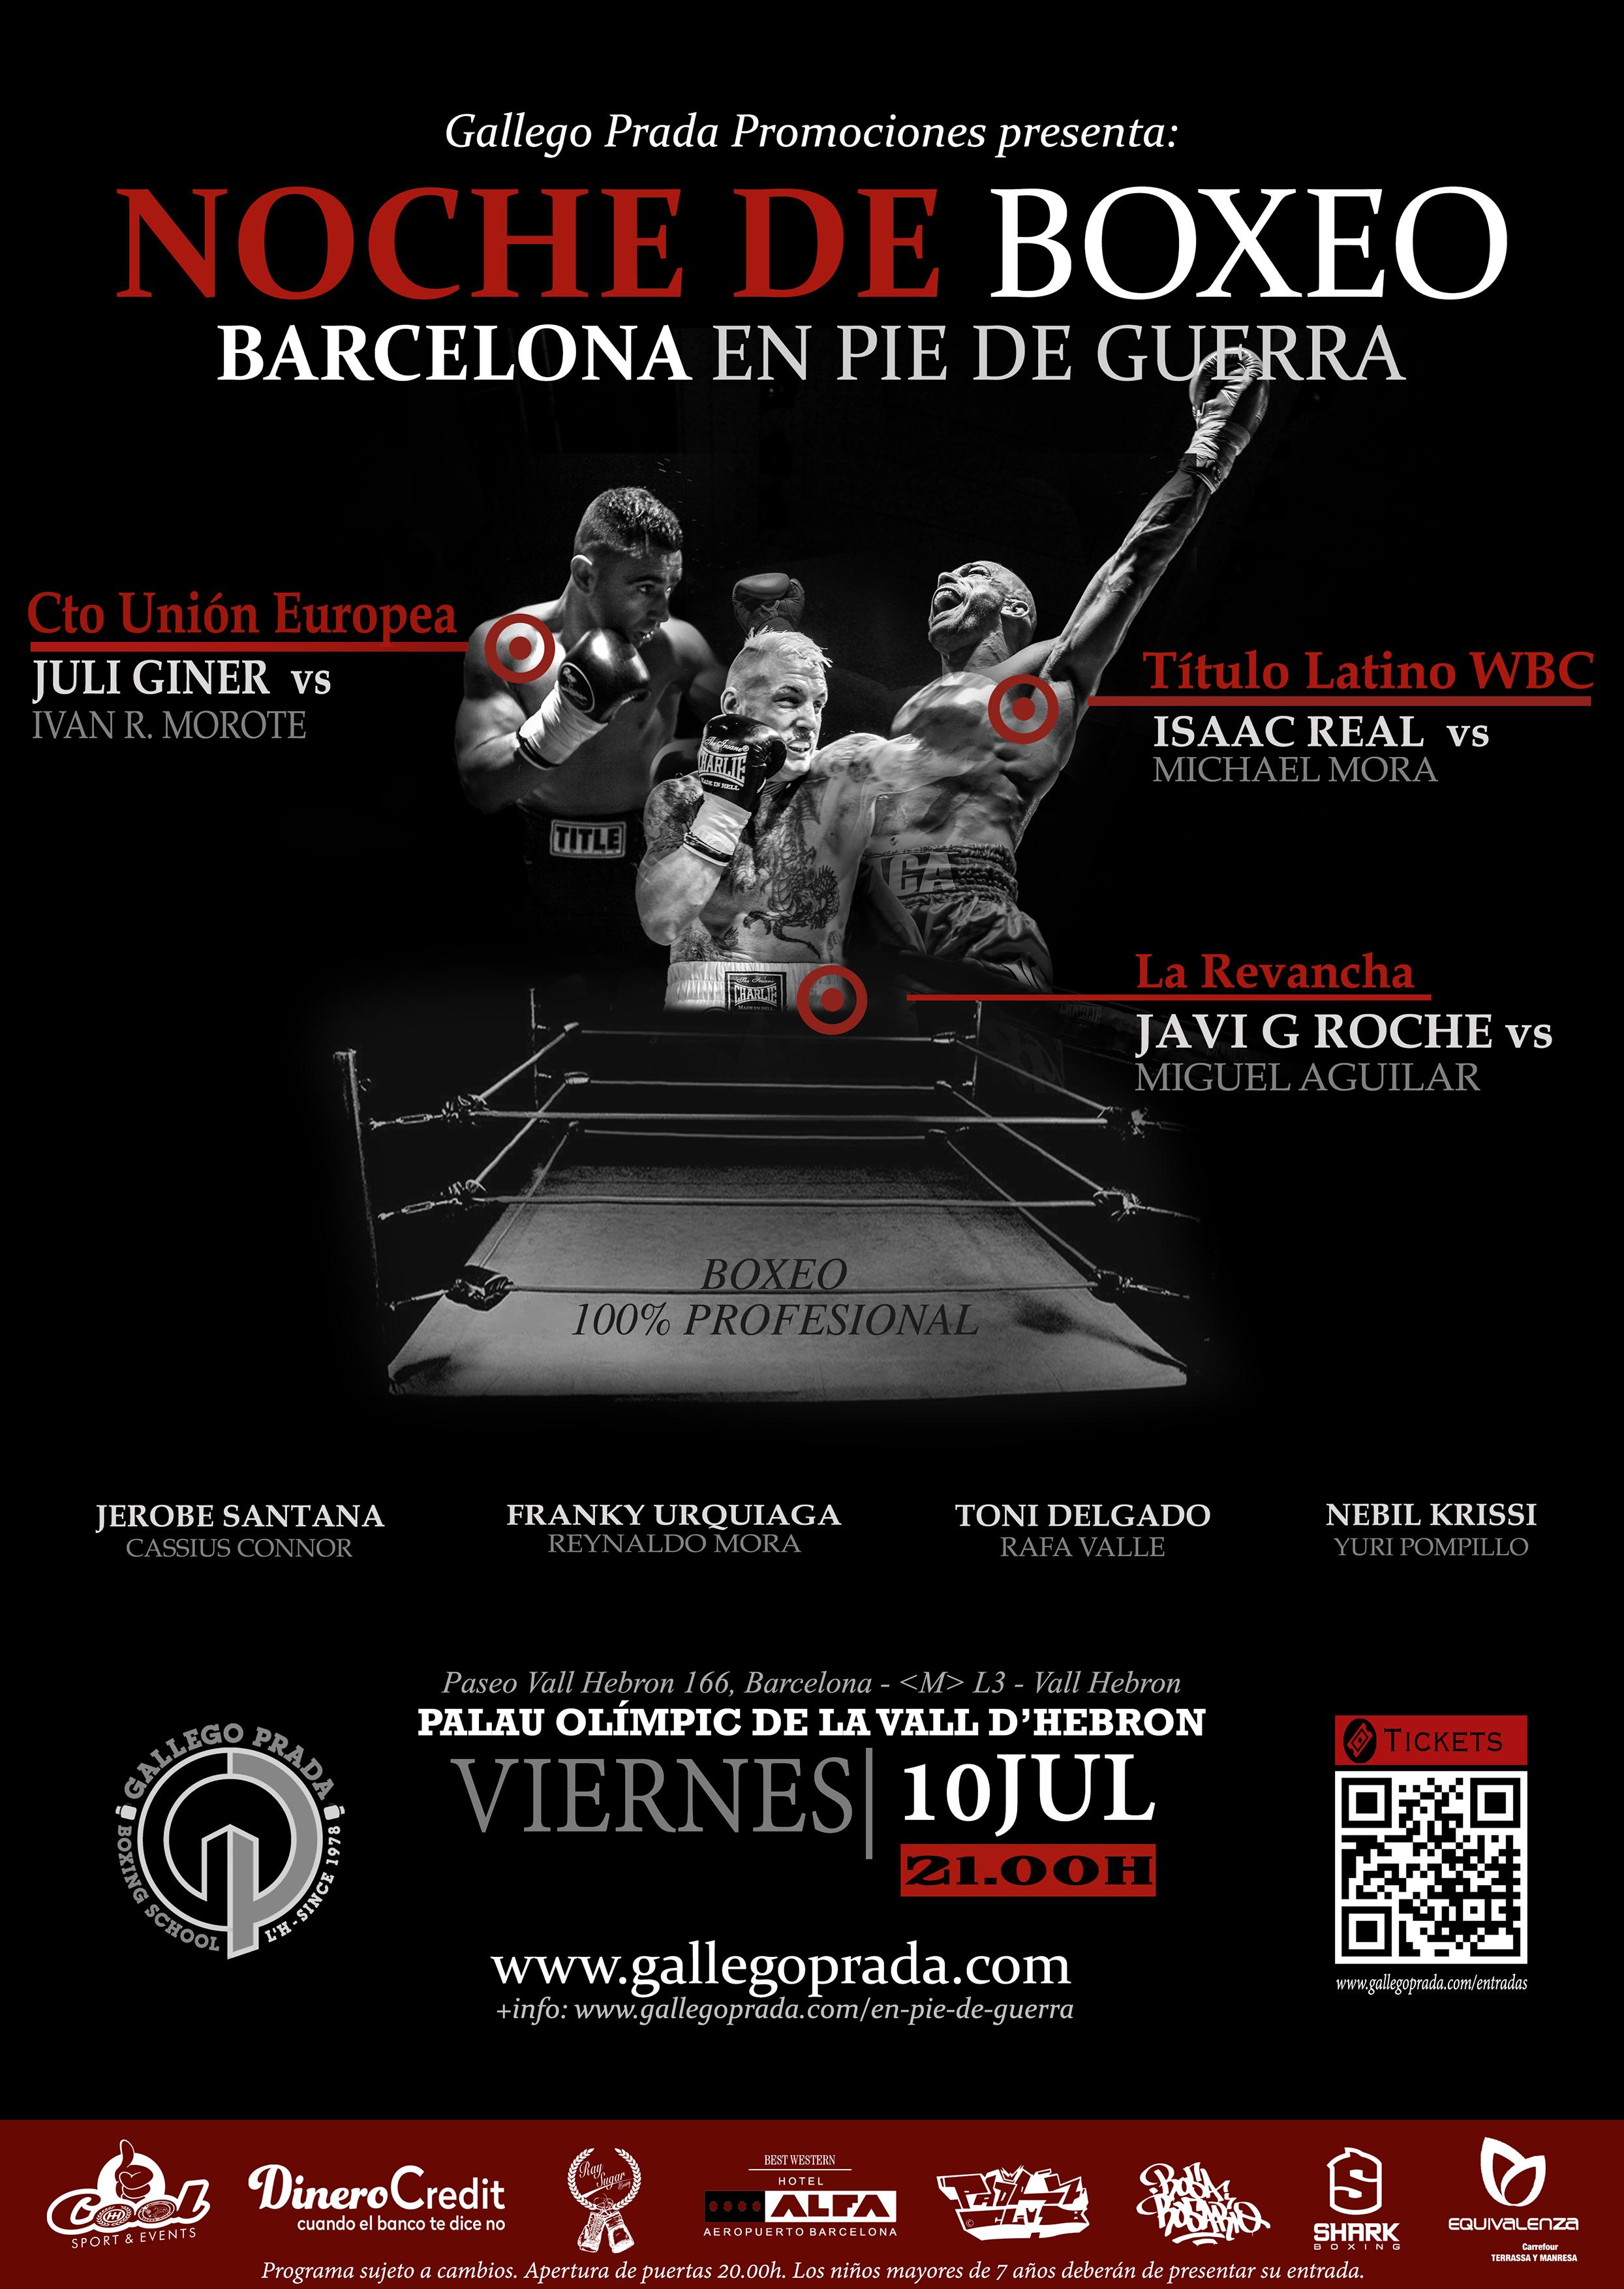 Cartel oficial de la velada de boxeo Barcelona en pie de guerra